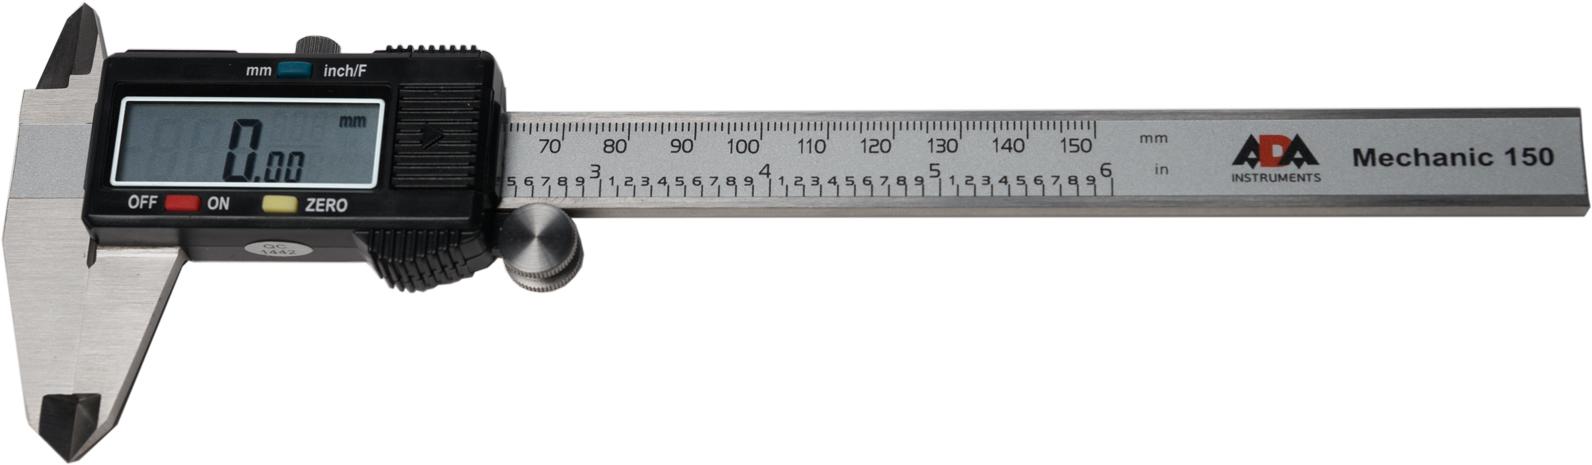 Подробнее о Цифровой штангенциркуль ADA Mechanic 150 цифровой штангенциркуль